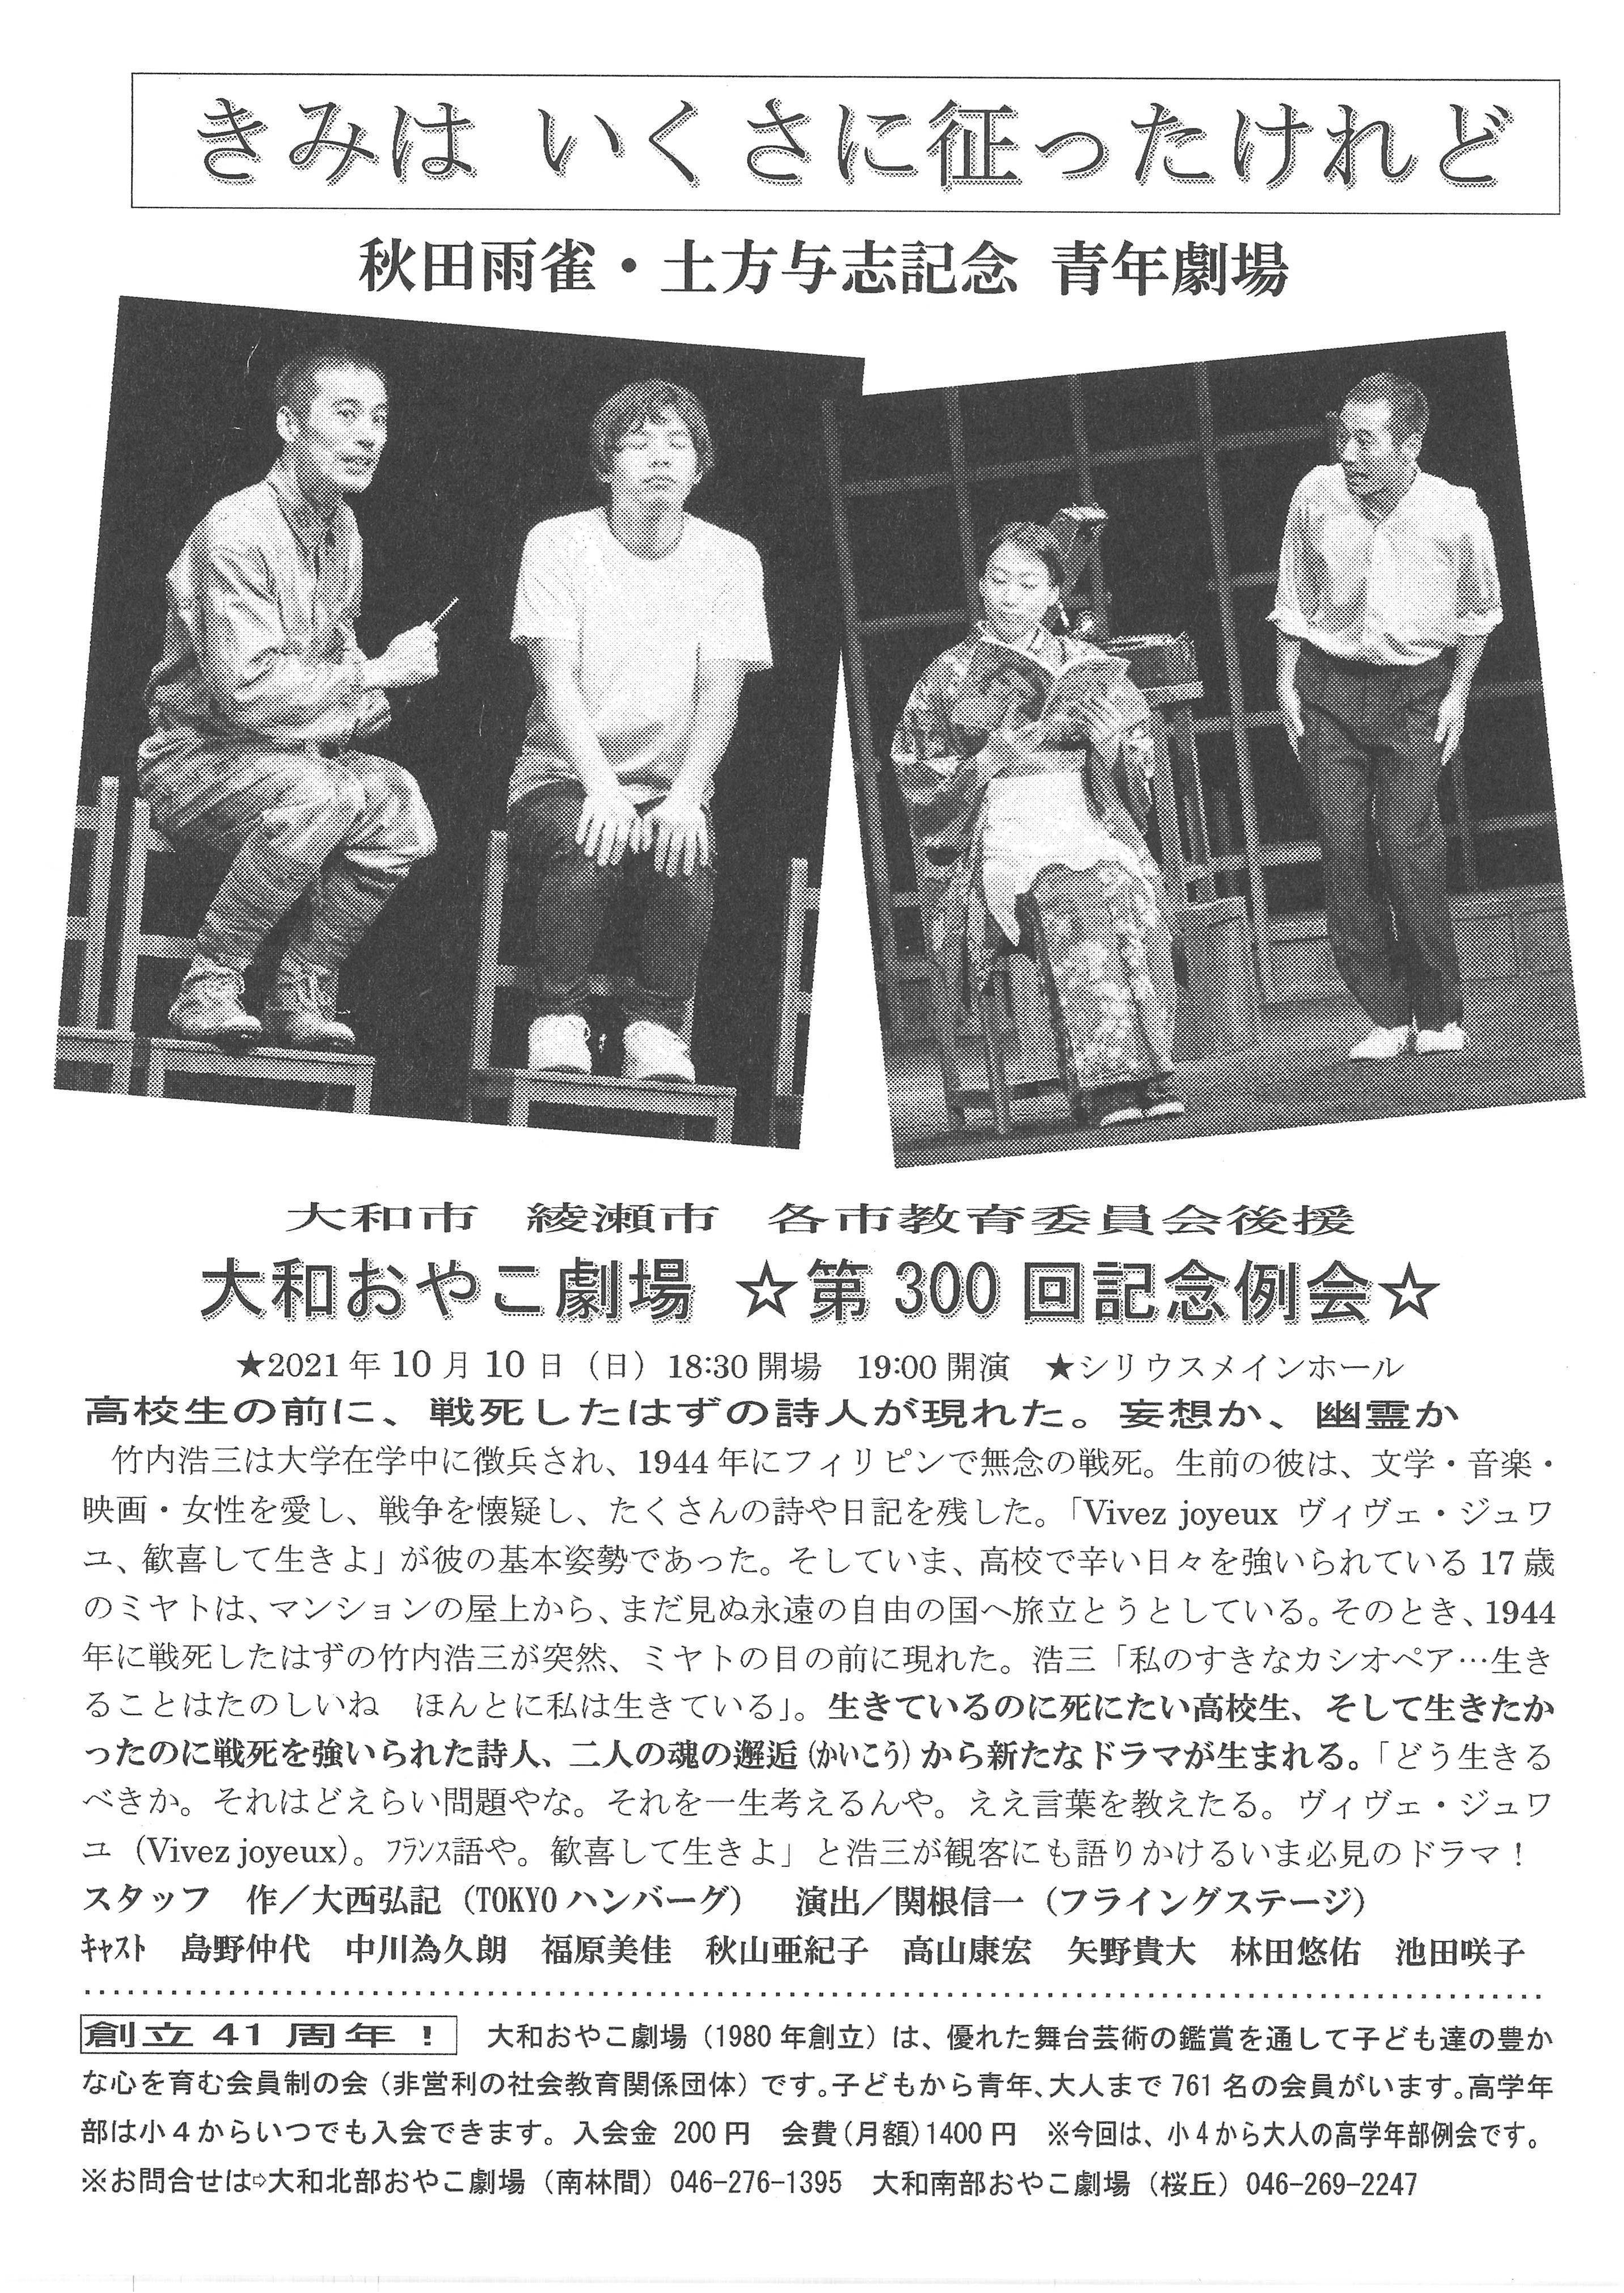 大和おやこ劇場 第300回例会「きみはいくさに征ったけれど」青年劇場